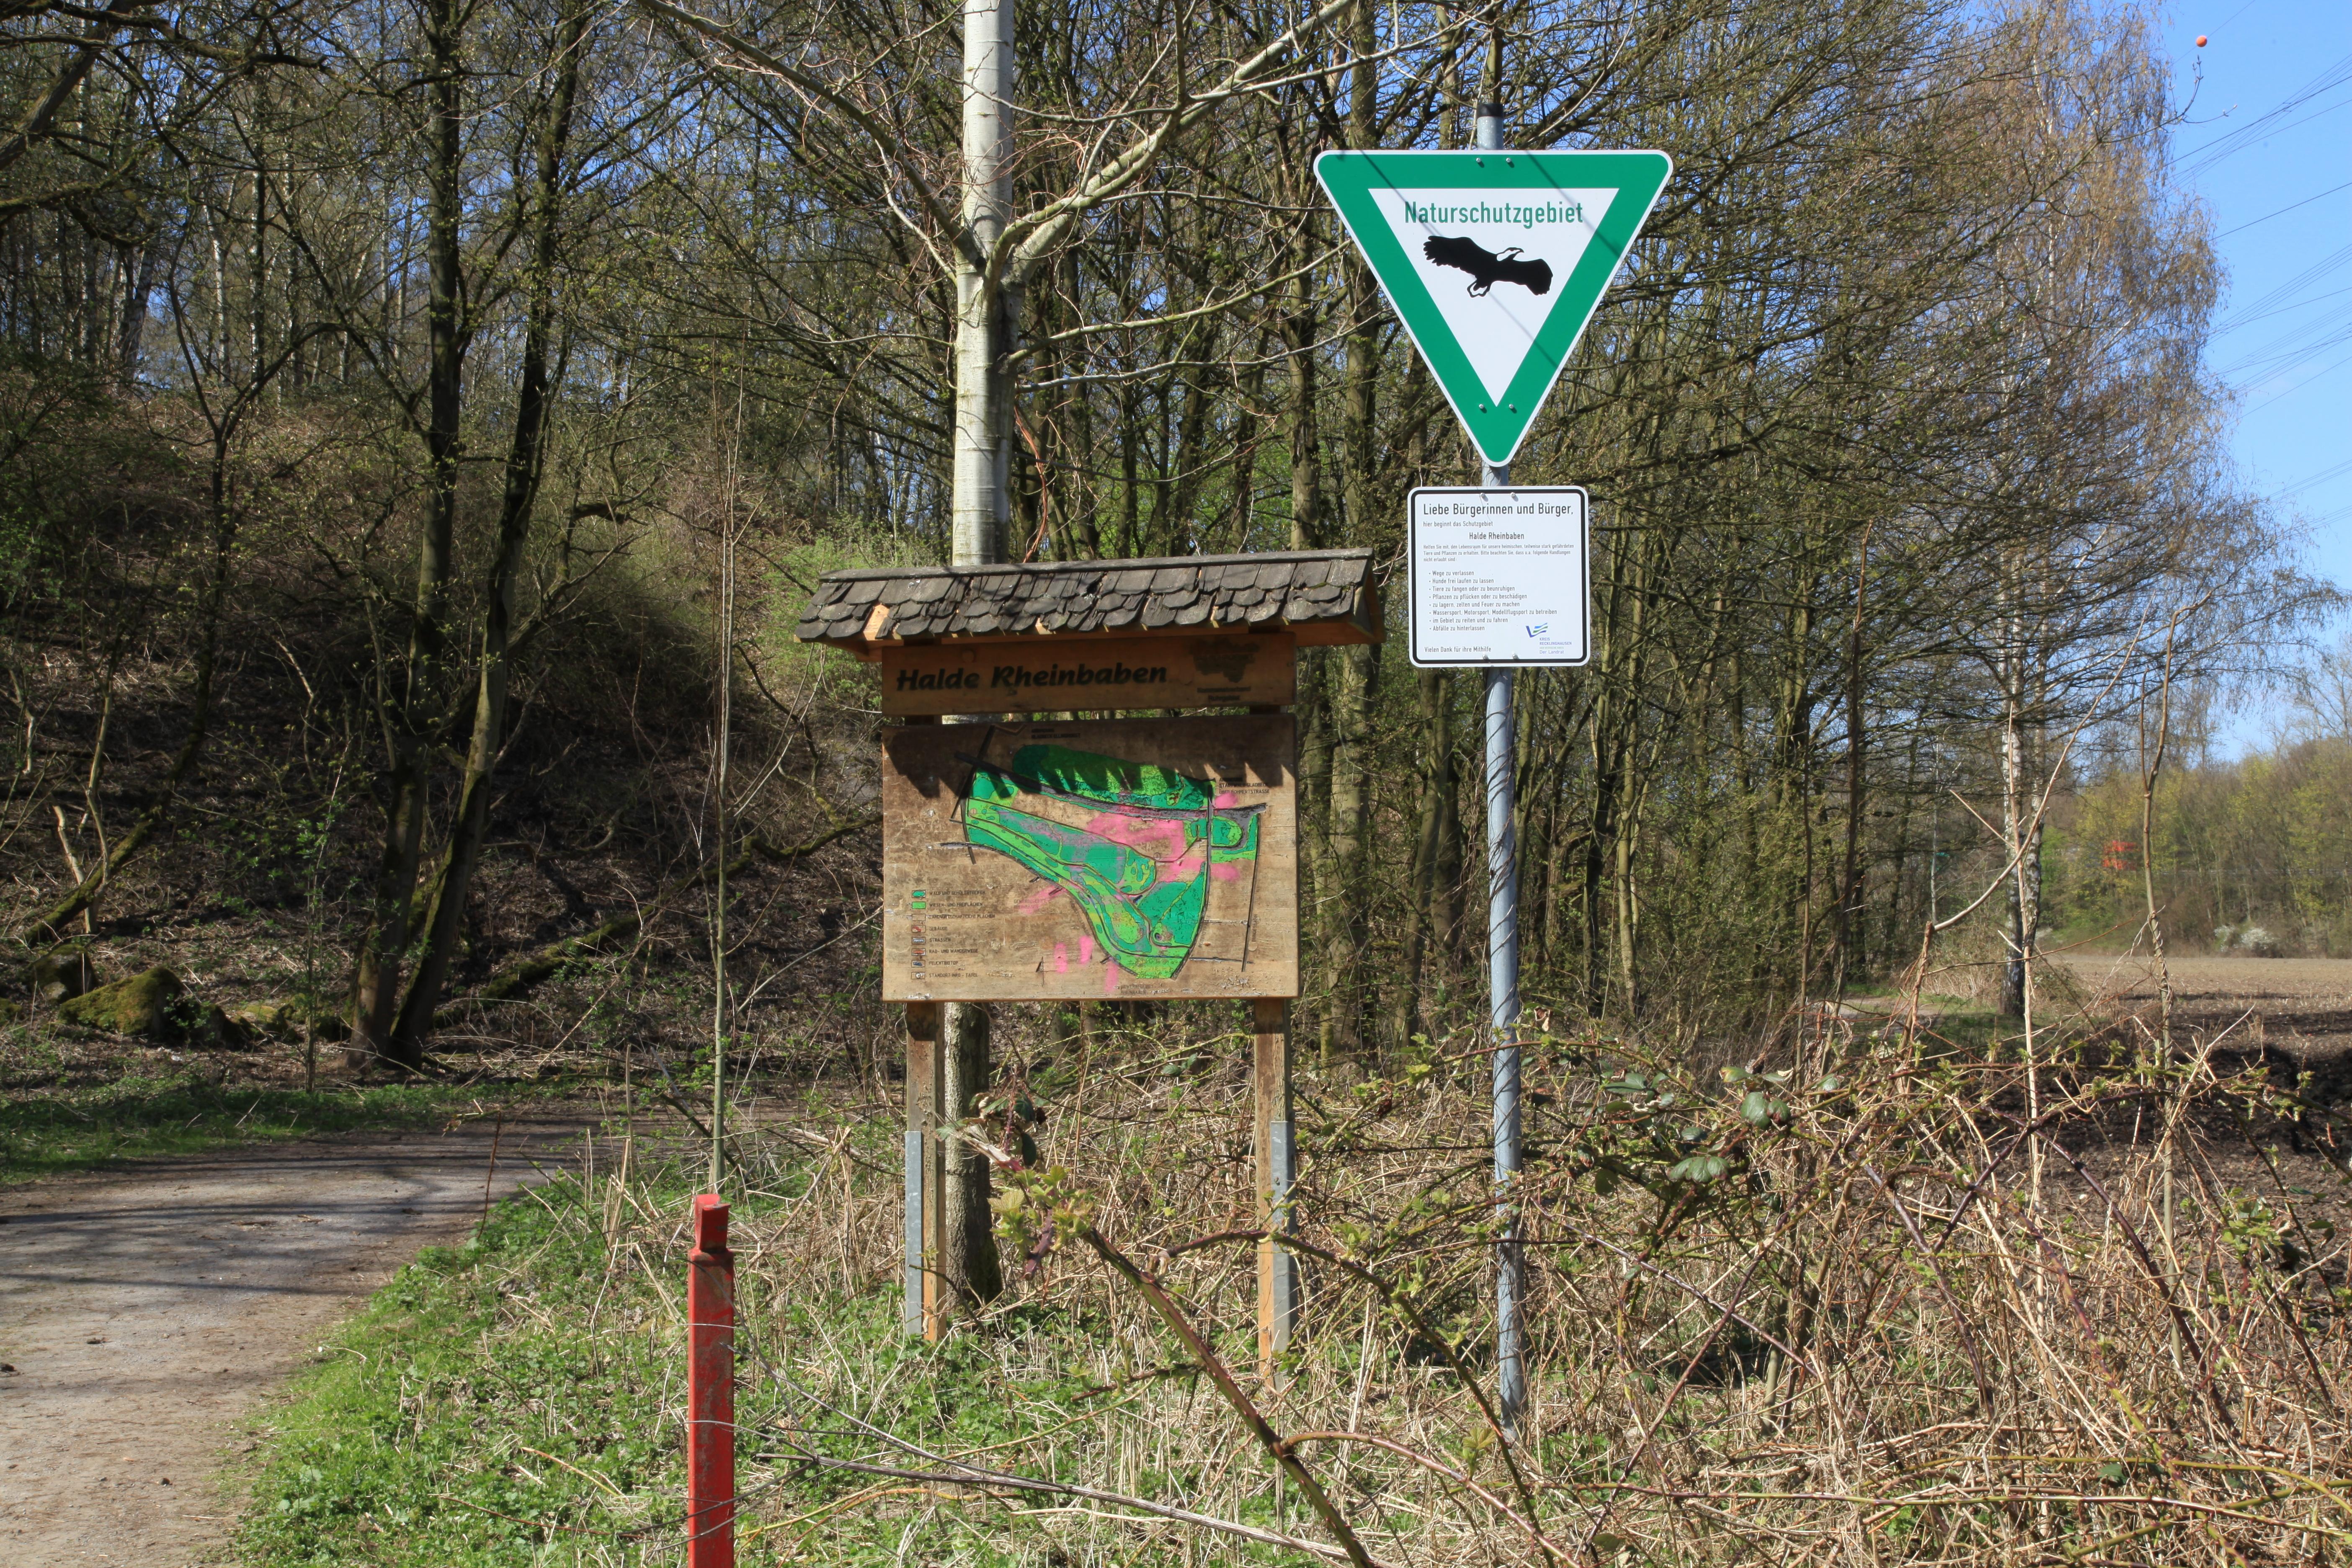 Liste Der Naturschutzgebiete In Nordrhein Westfalen Wikipedia